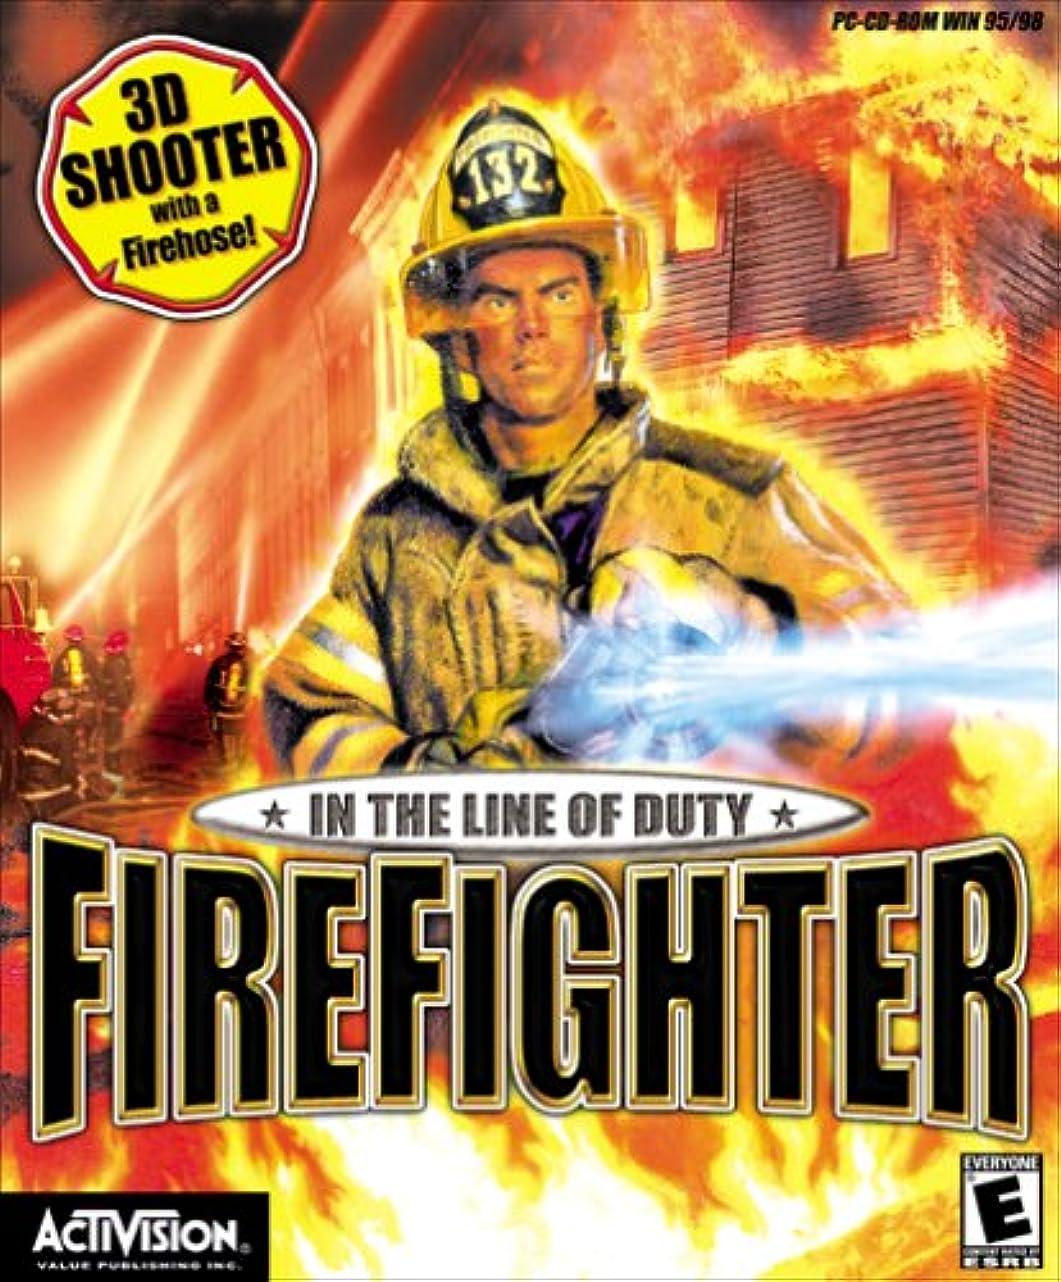 マウンドライトニングどちらもFirefighter - In the Line of Duty (輸入版)